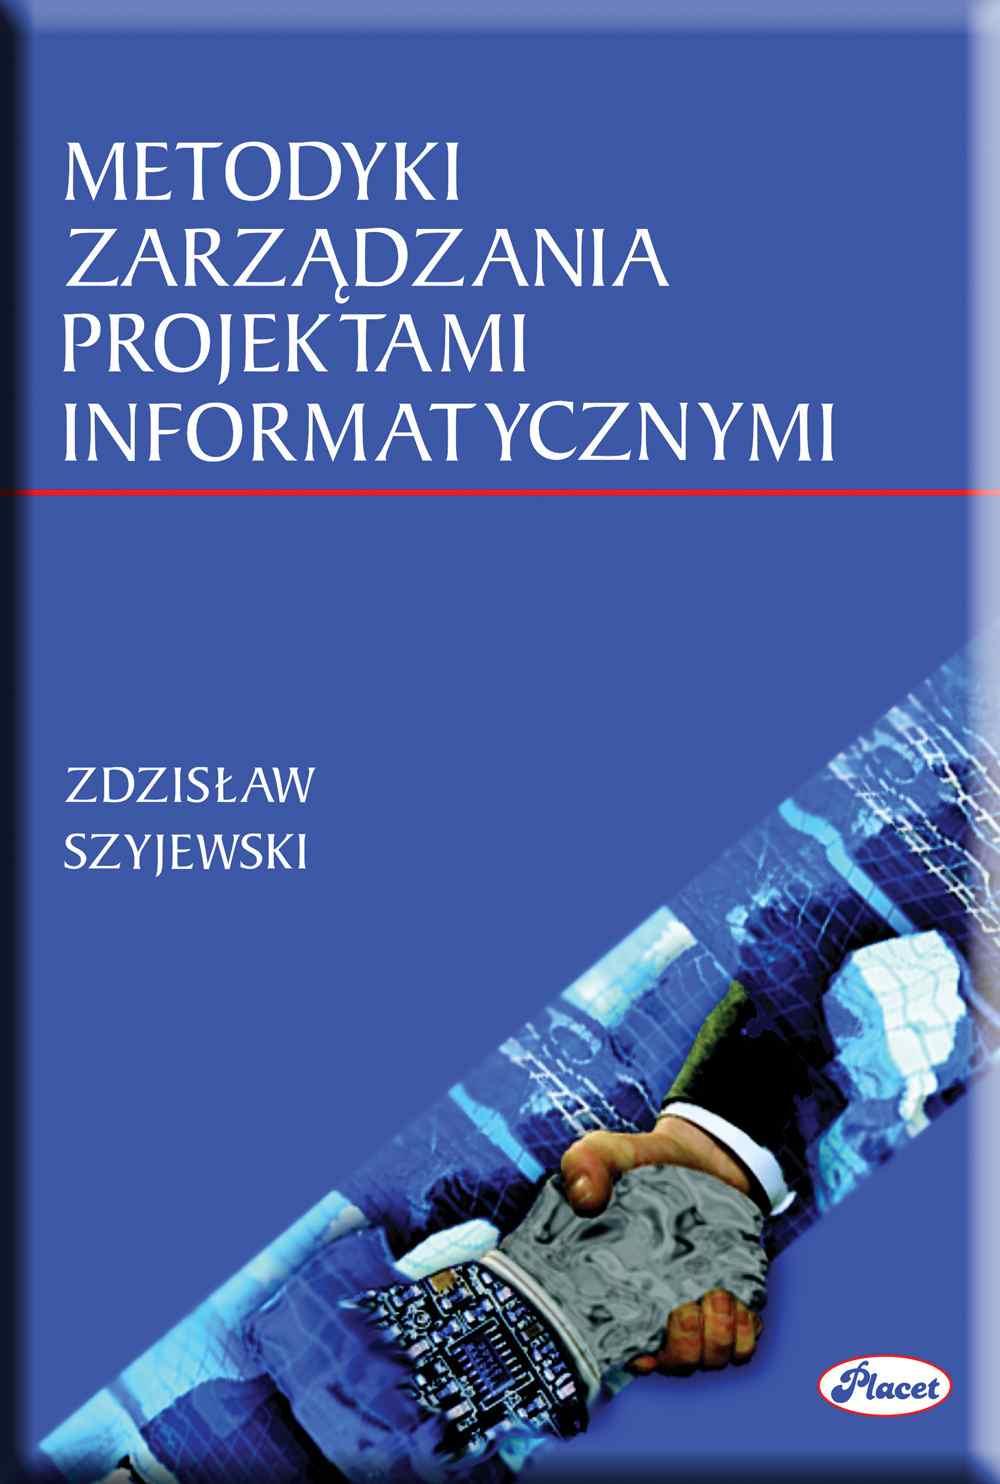 Metodyki zarządzania projektami informatycznymi - Ebook (Książka PDF) do pobrania w formacie PDF